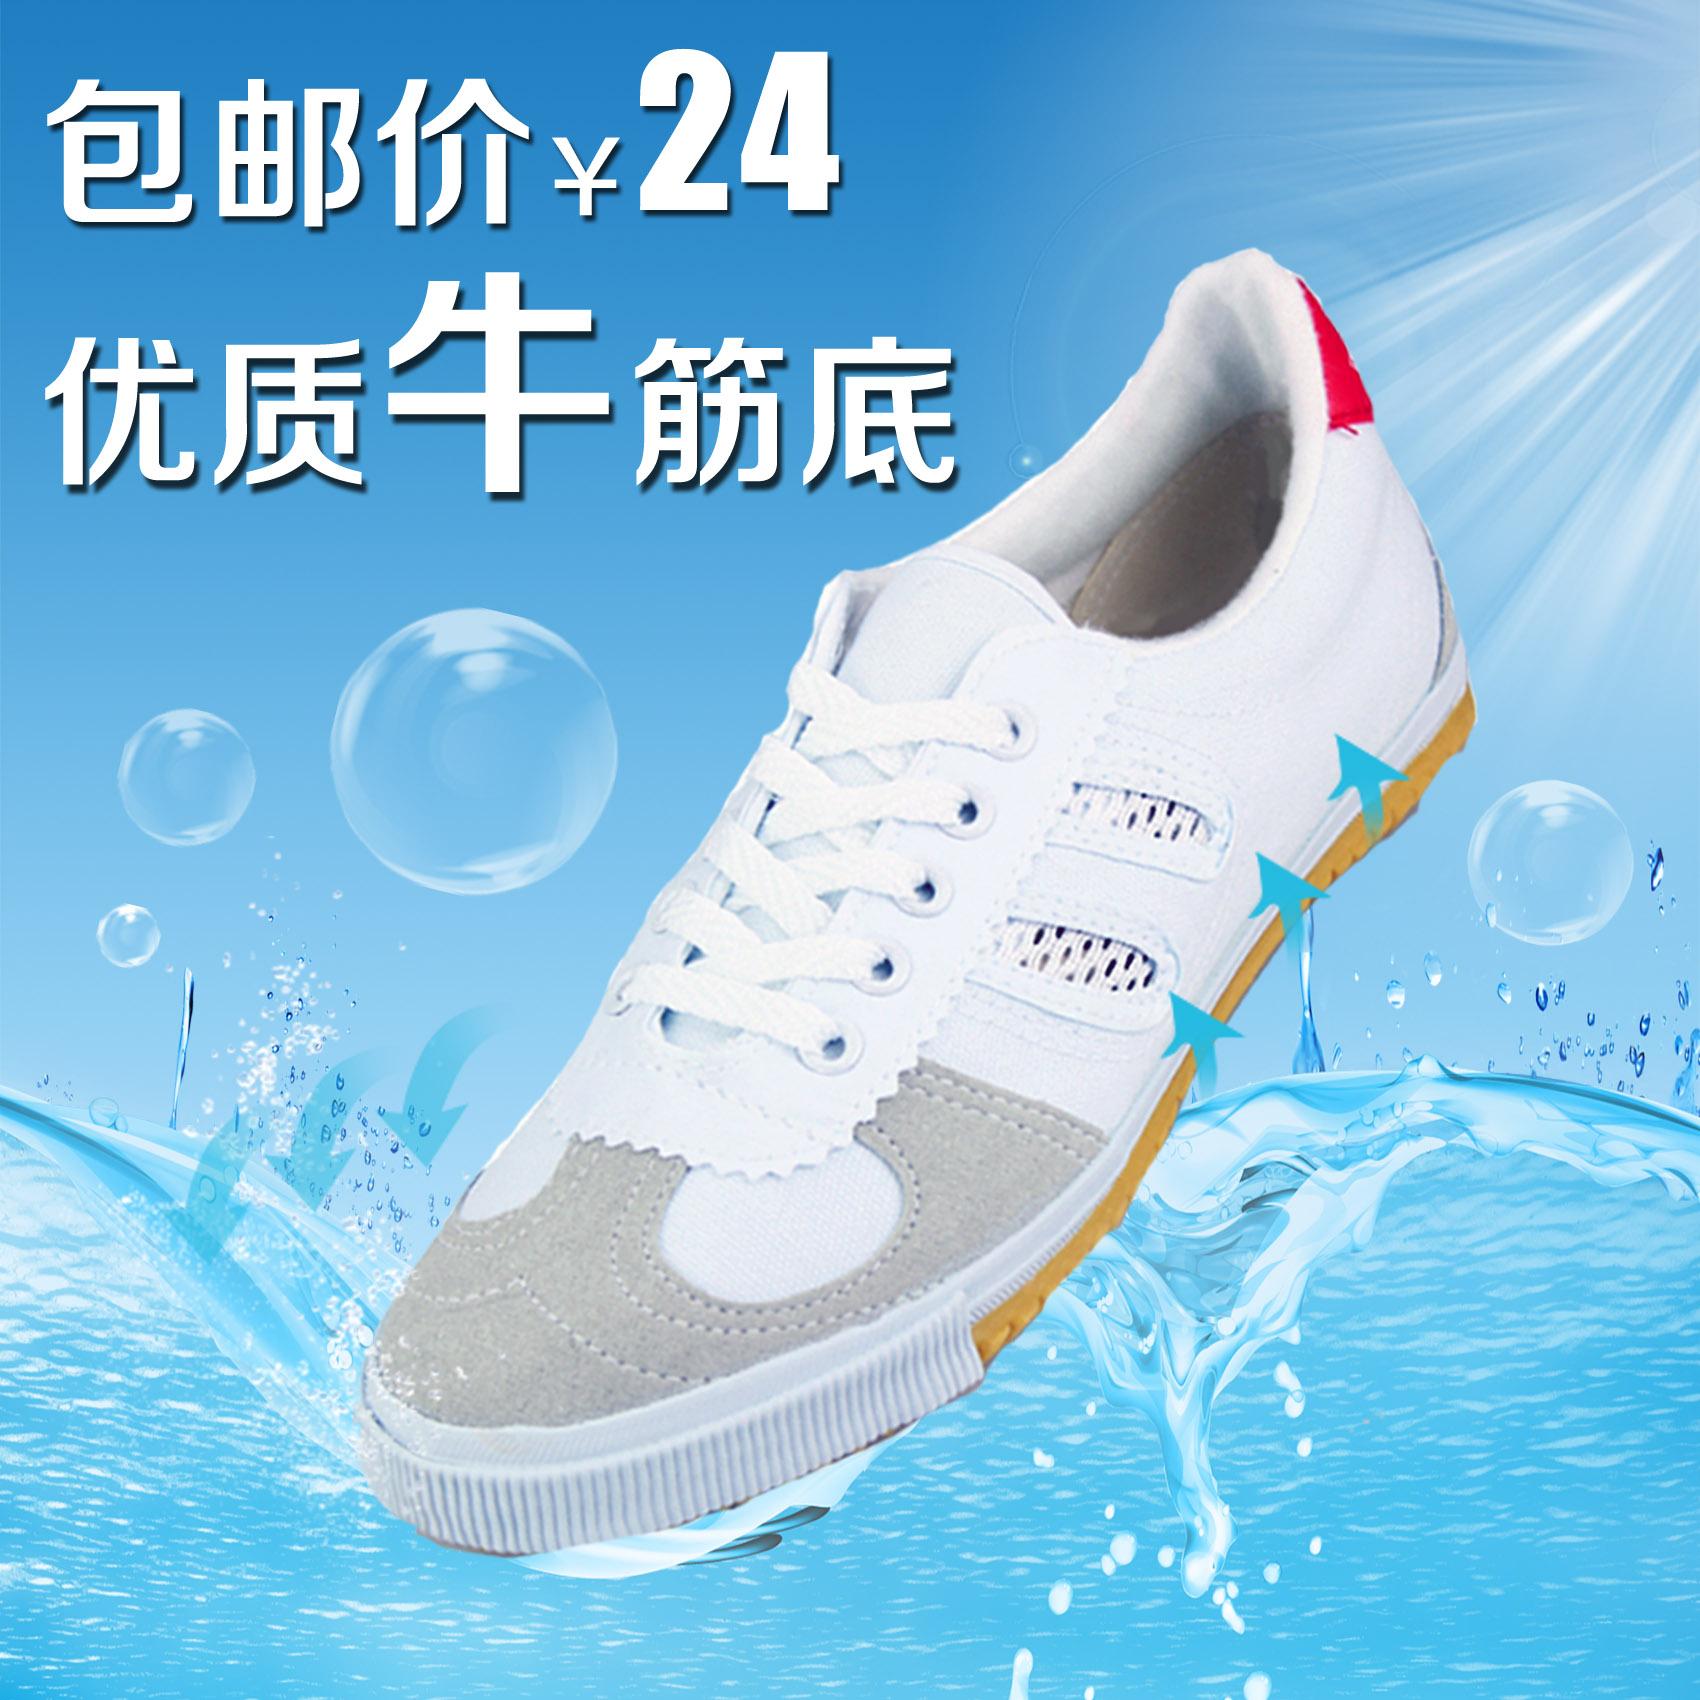 Chính hãng đôi sao bóng chuyền giày gân dưới đào tạo võ thuật tập thể dục thể thao giày vải nam giới và phụ nữ giày chạy net giày chạy